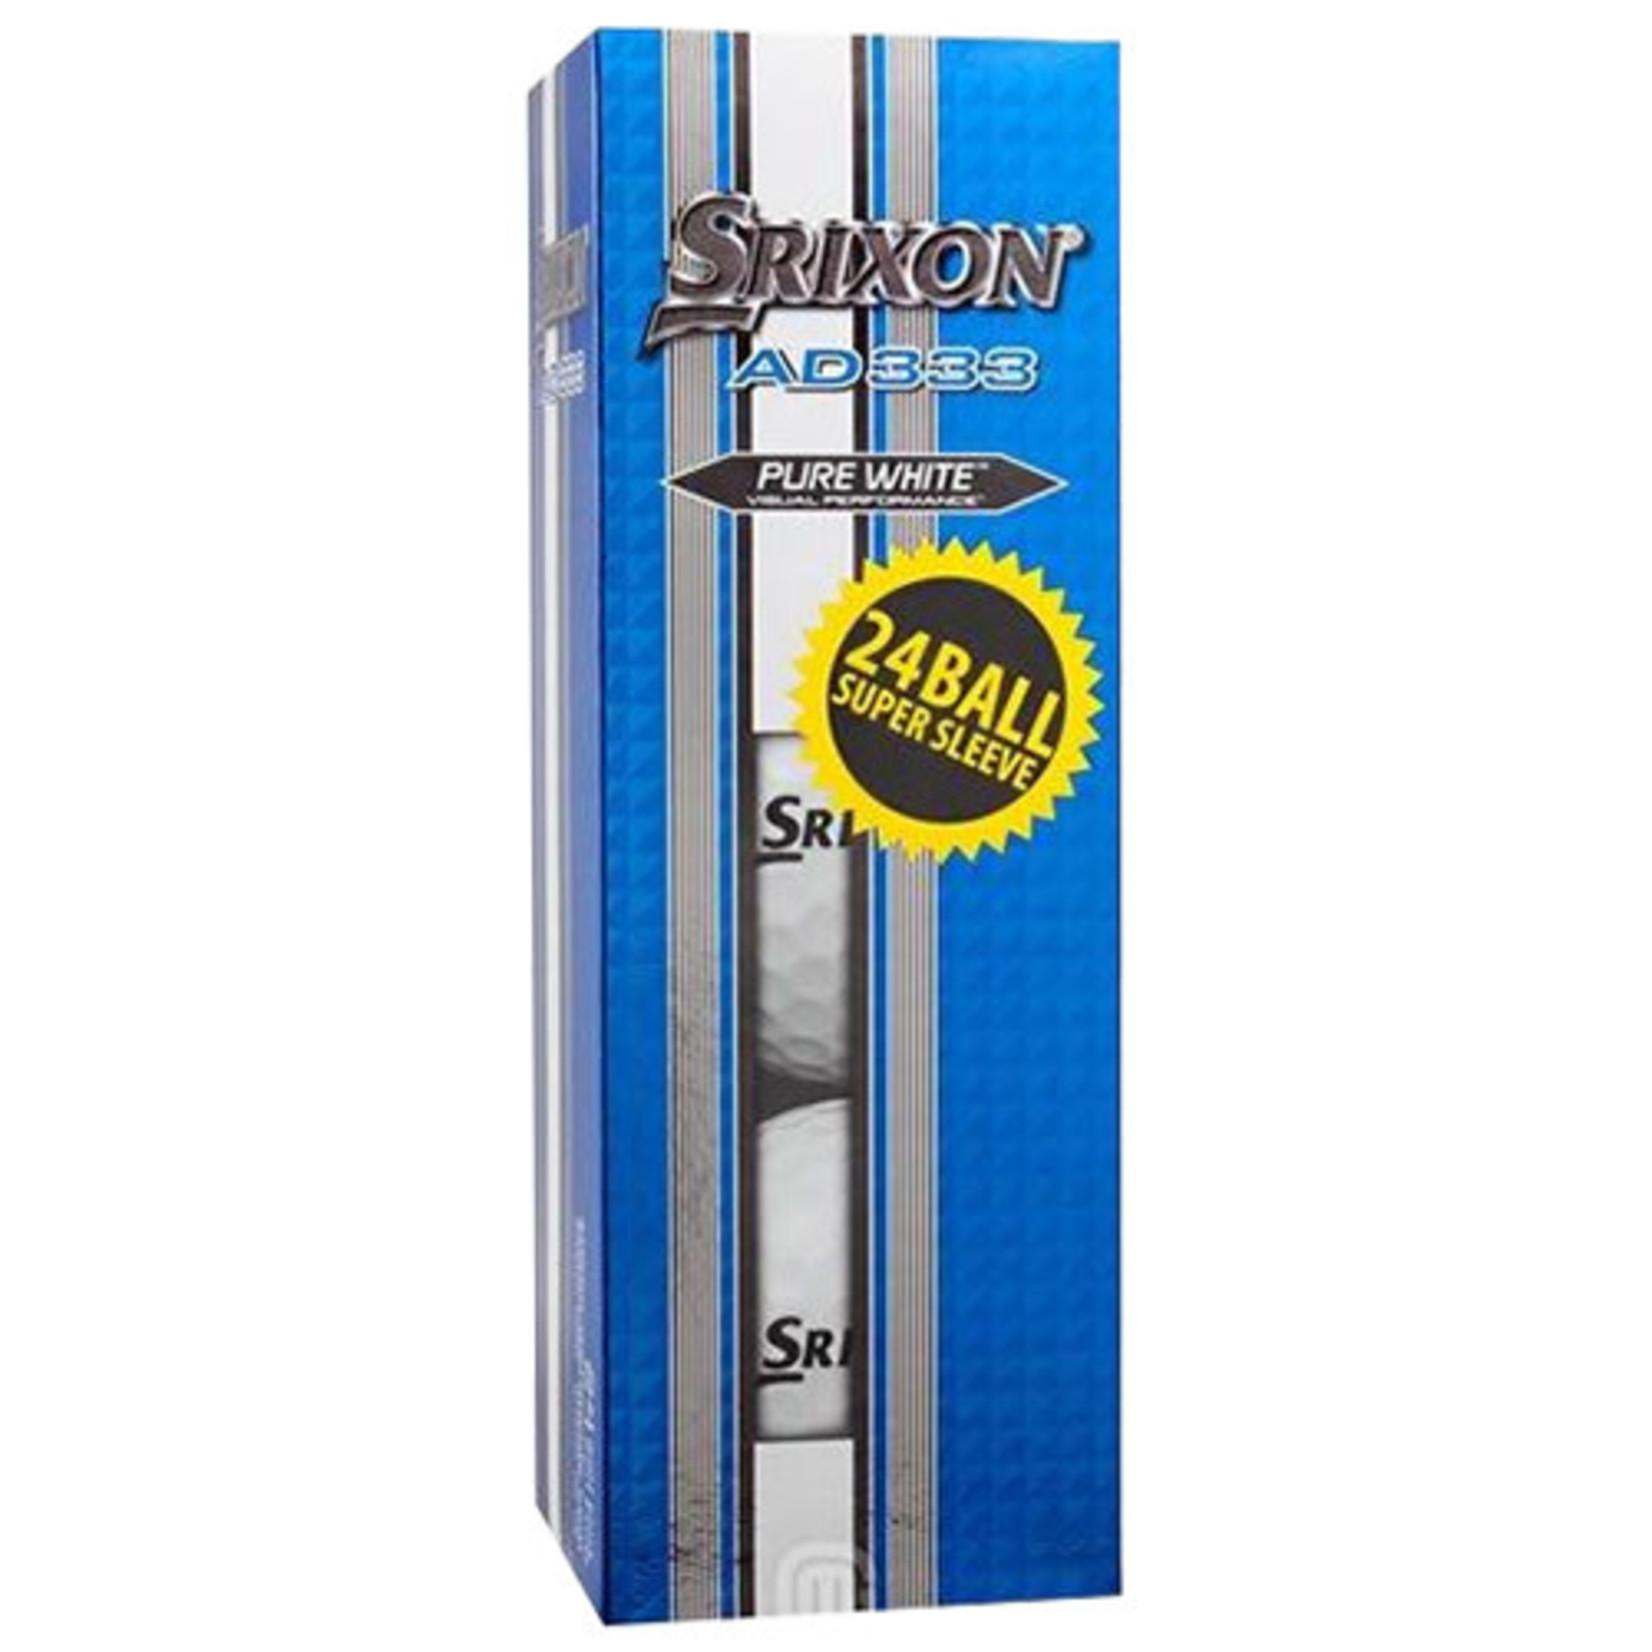 Srixon Srixon 24 Pack AD333